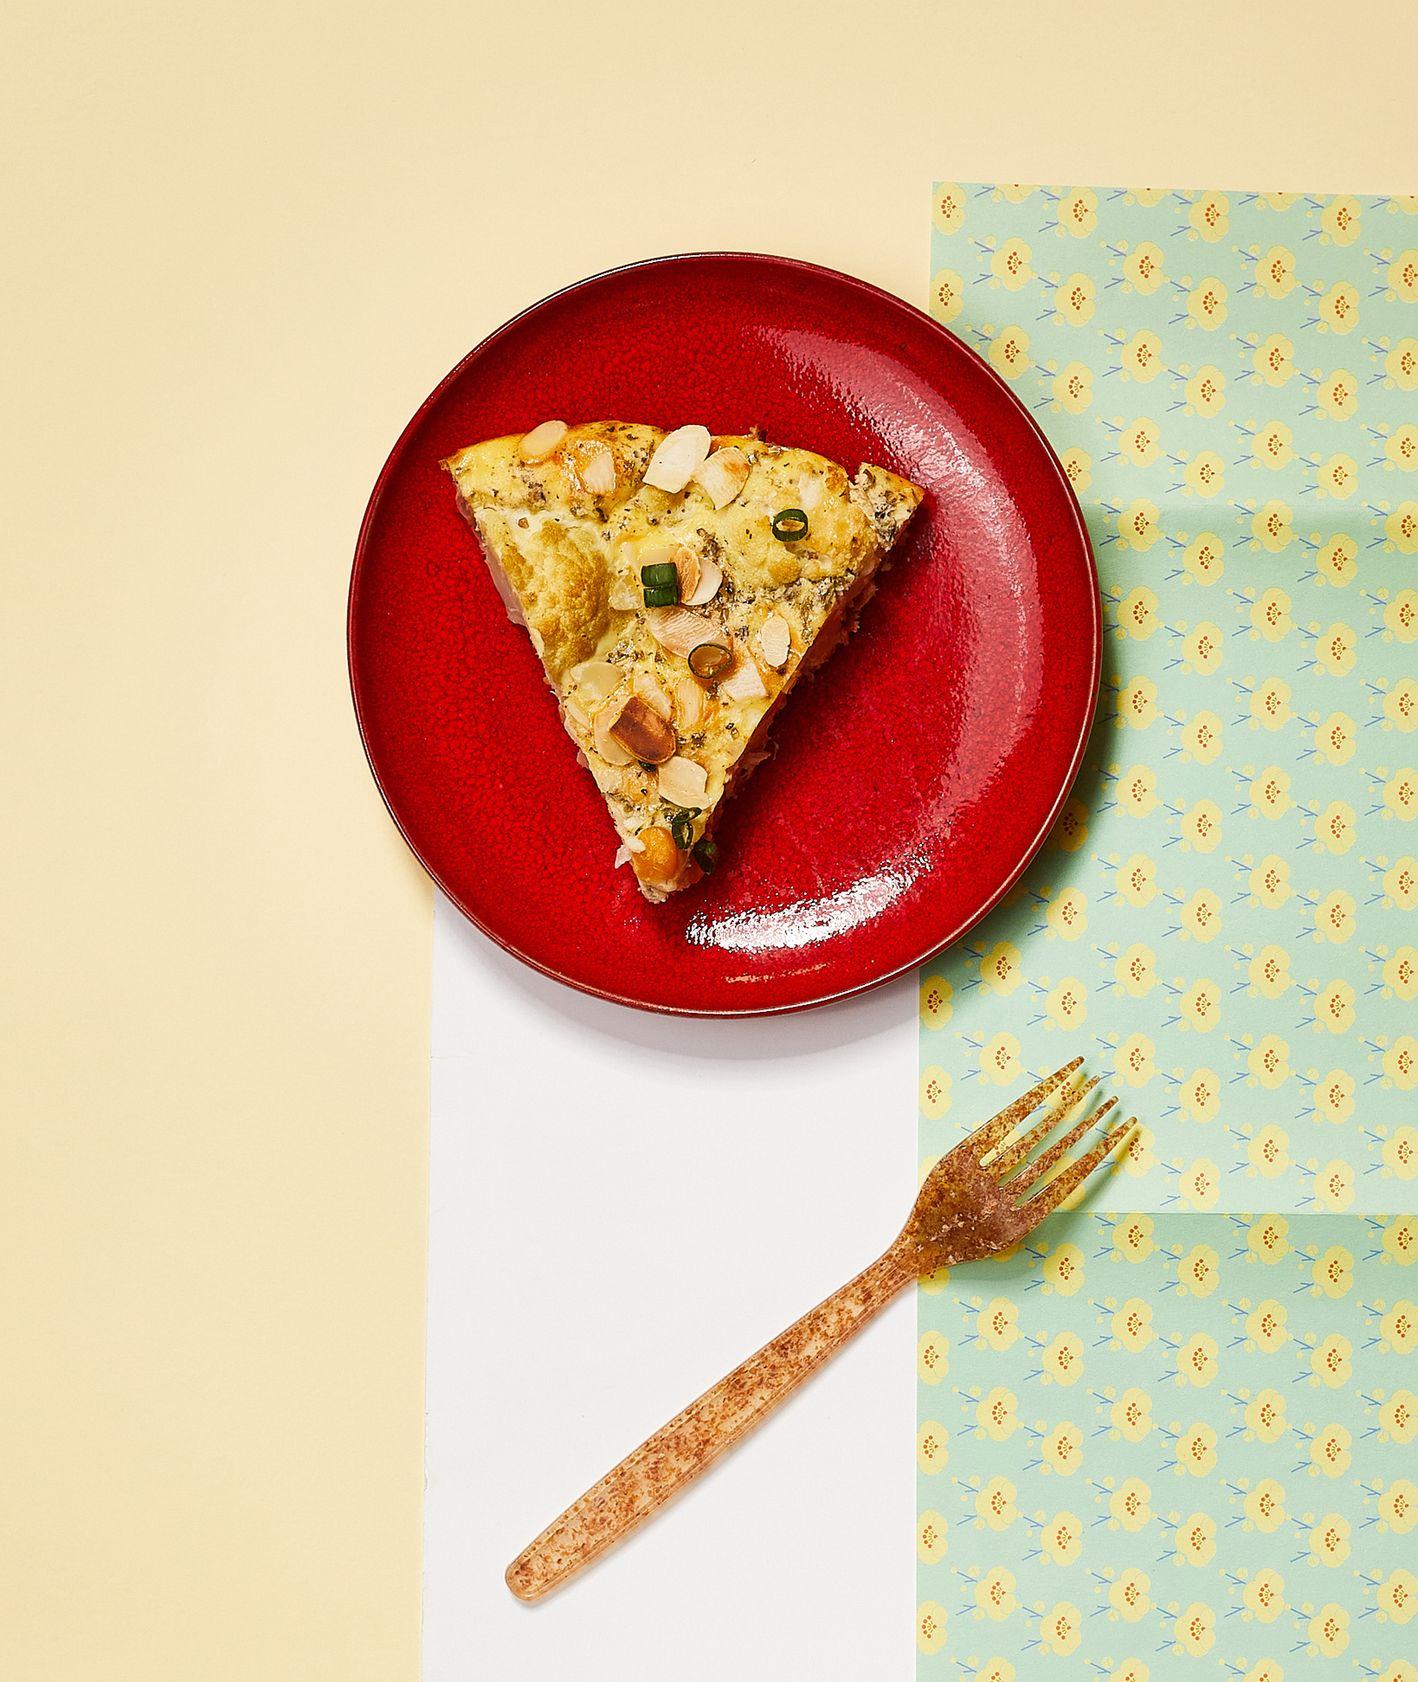 Jak zrobić frittatę z kalafiorem i ciecierzycą, pomysł na obiad dla dziecka, jak przyrządzić kalafiora (fot. Maciej Niemojewski)